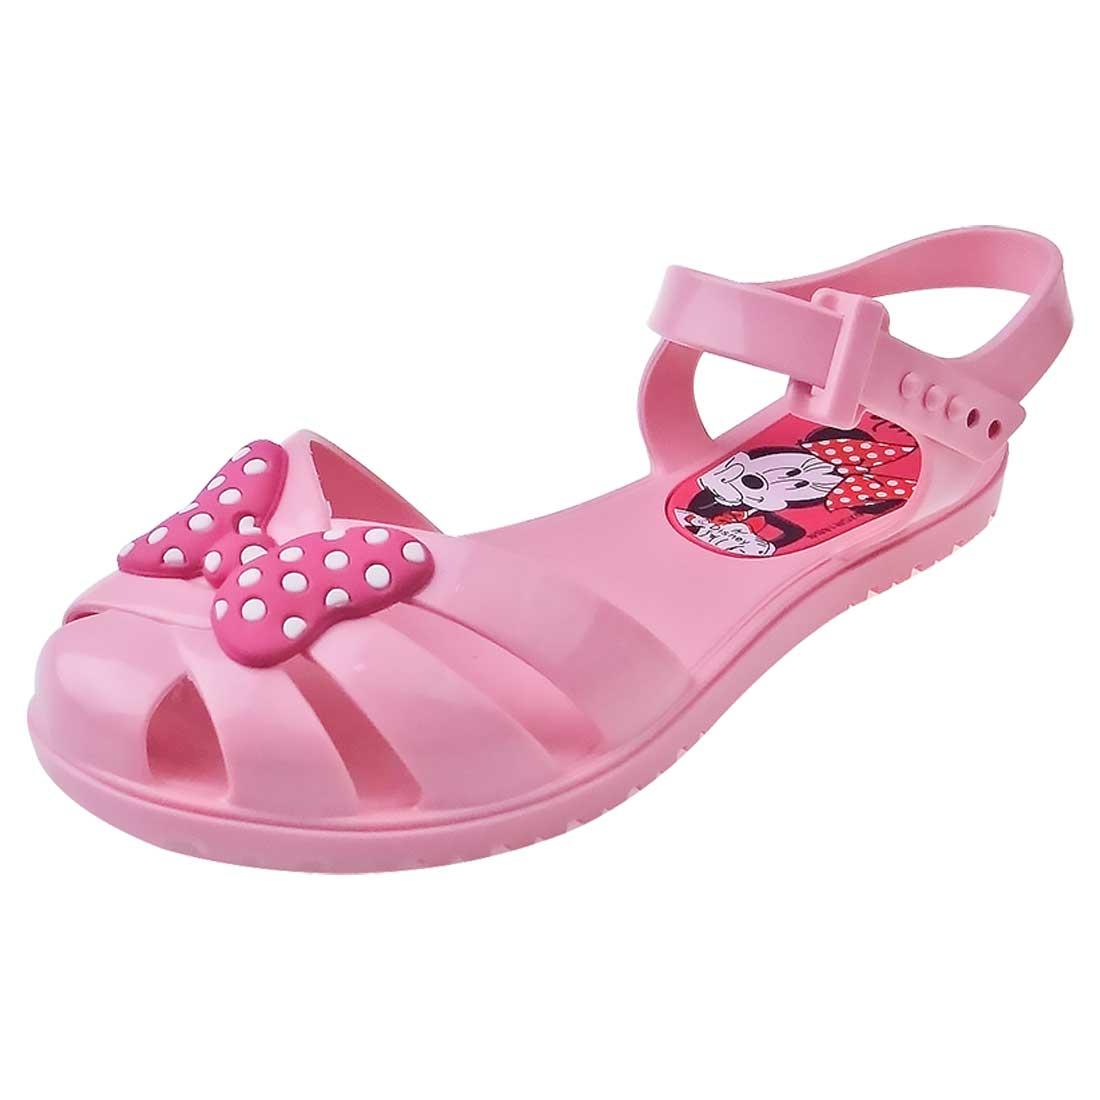 Sandália Baby Minnie Mouse - Rosa